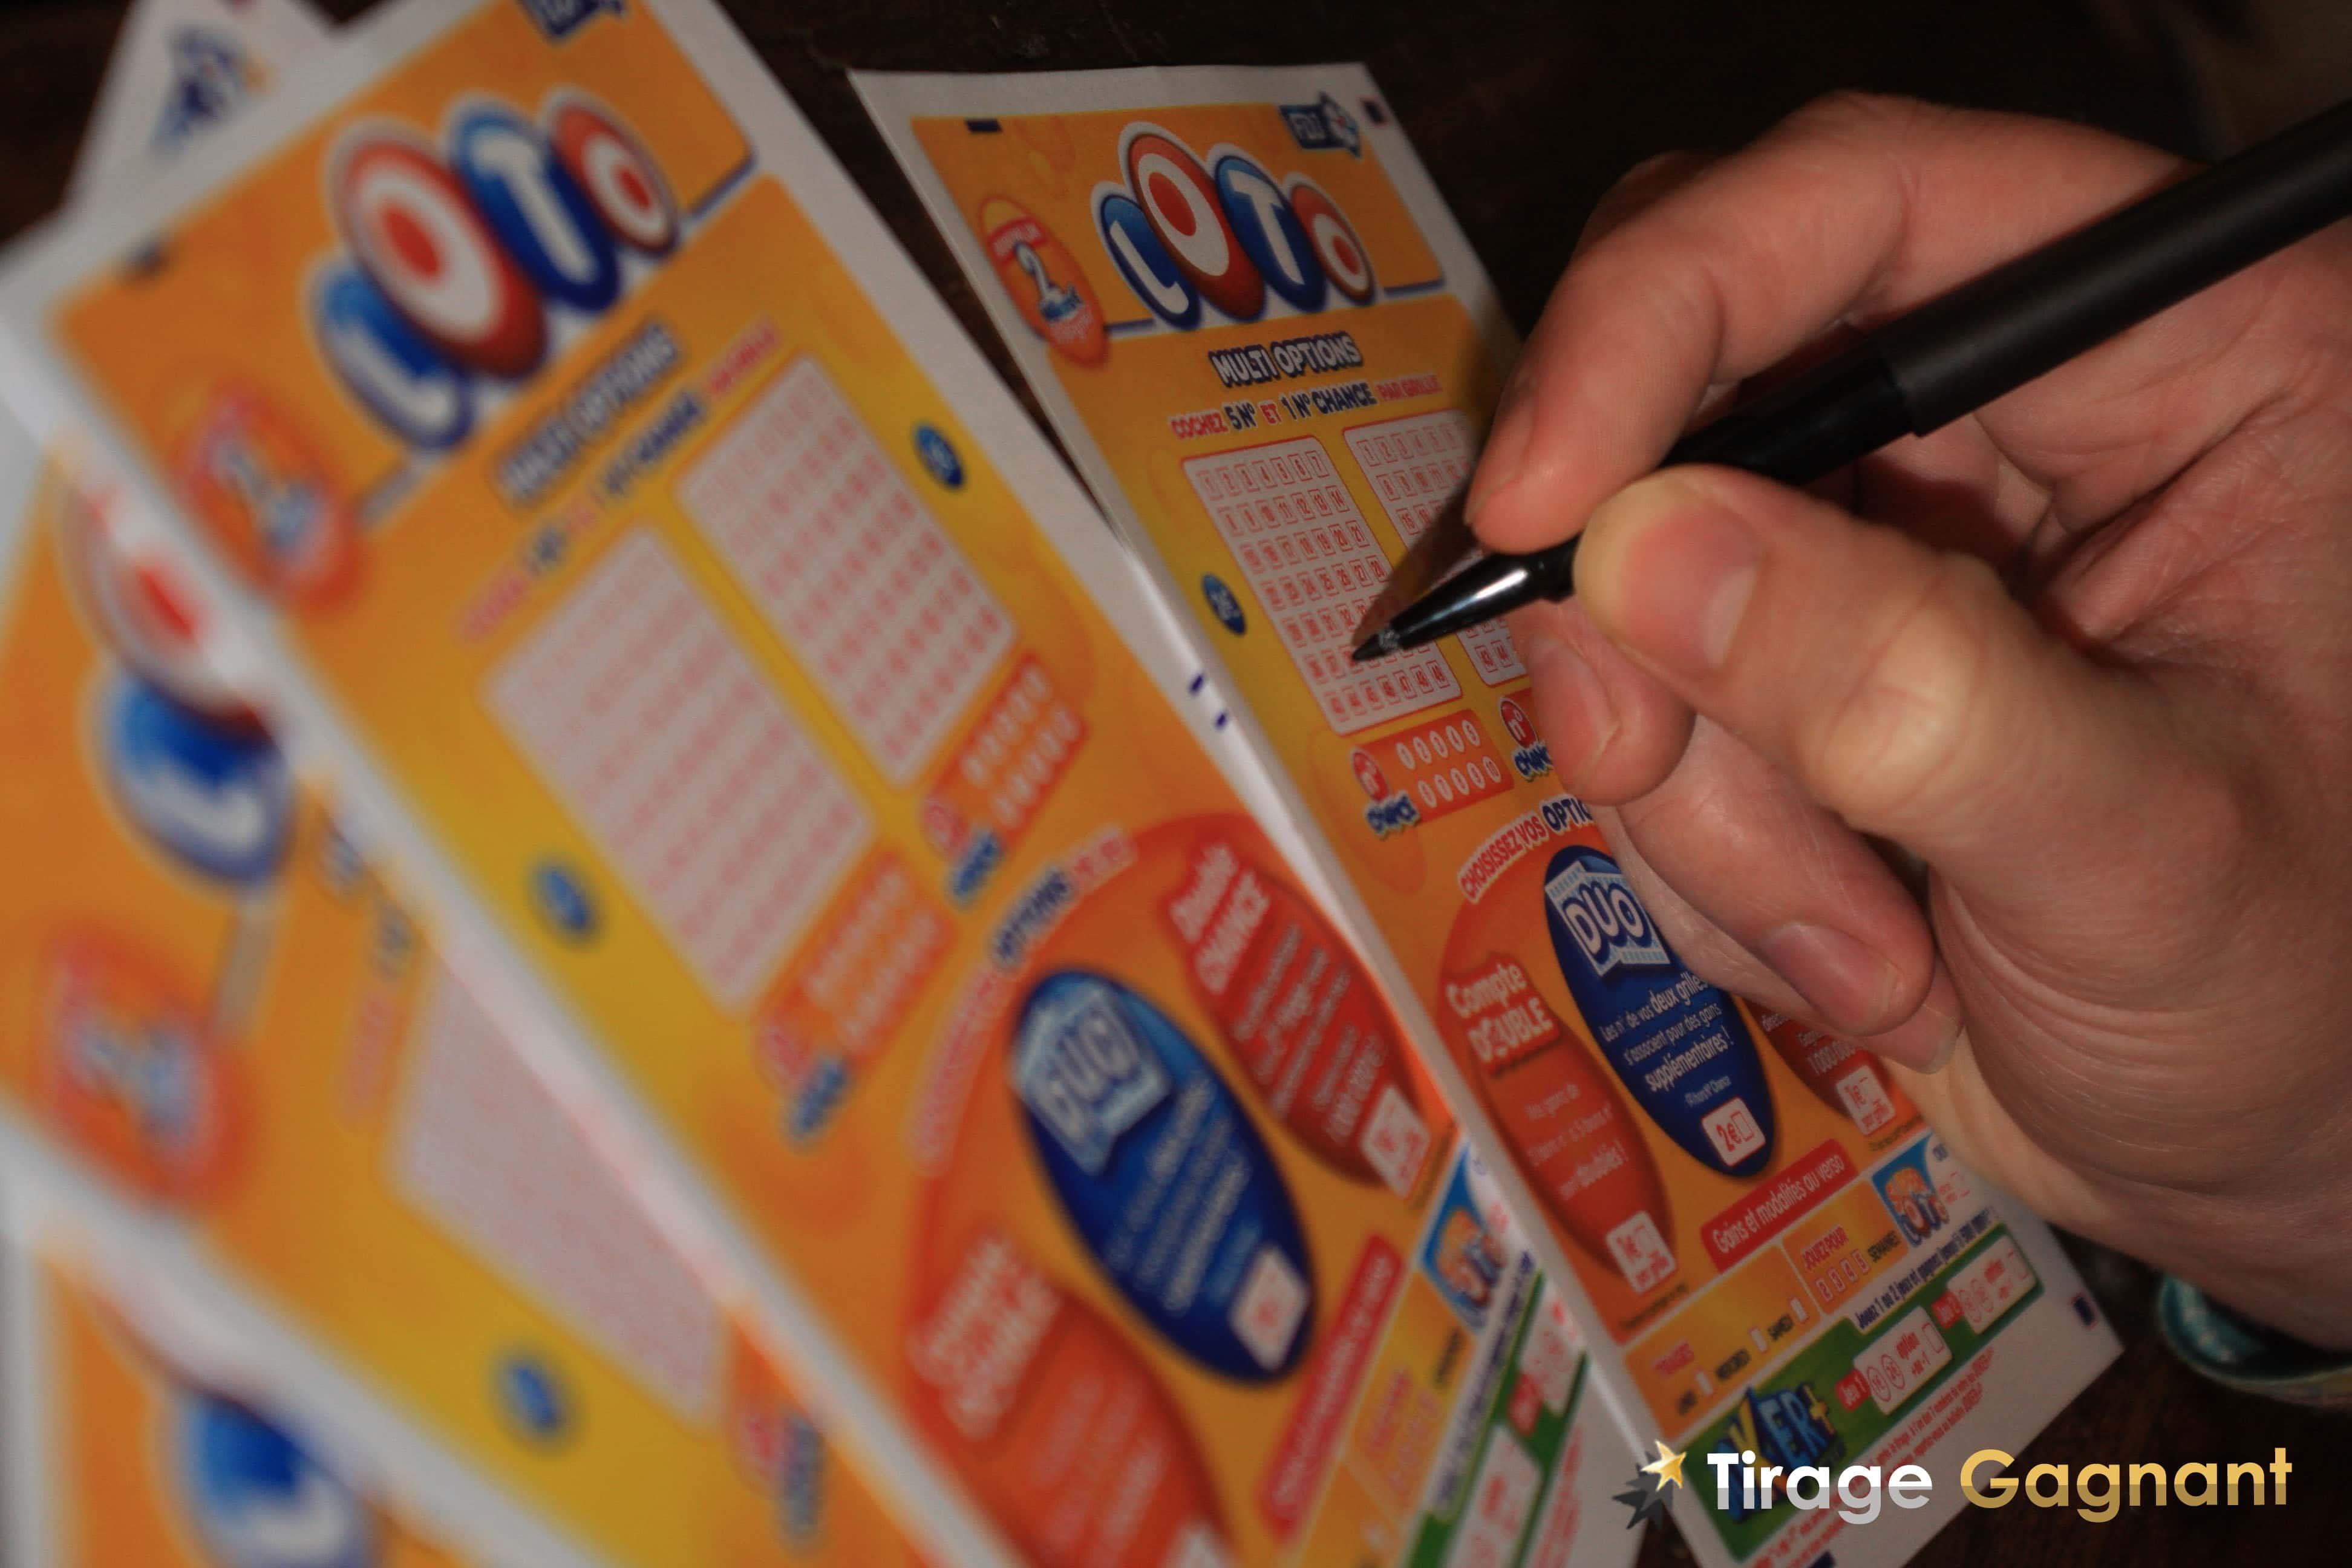 Loto : une joueuse fait un écart à l'Euromillions et rate le jackpot Super Loto